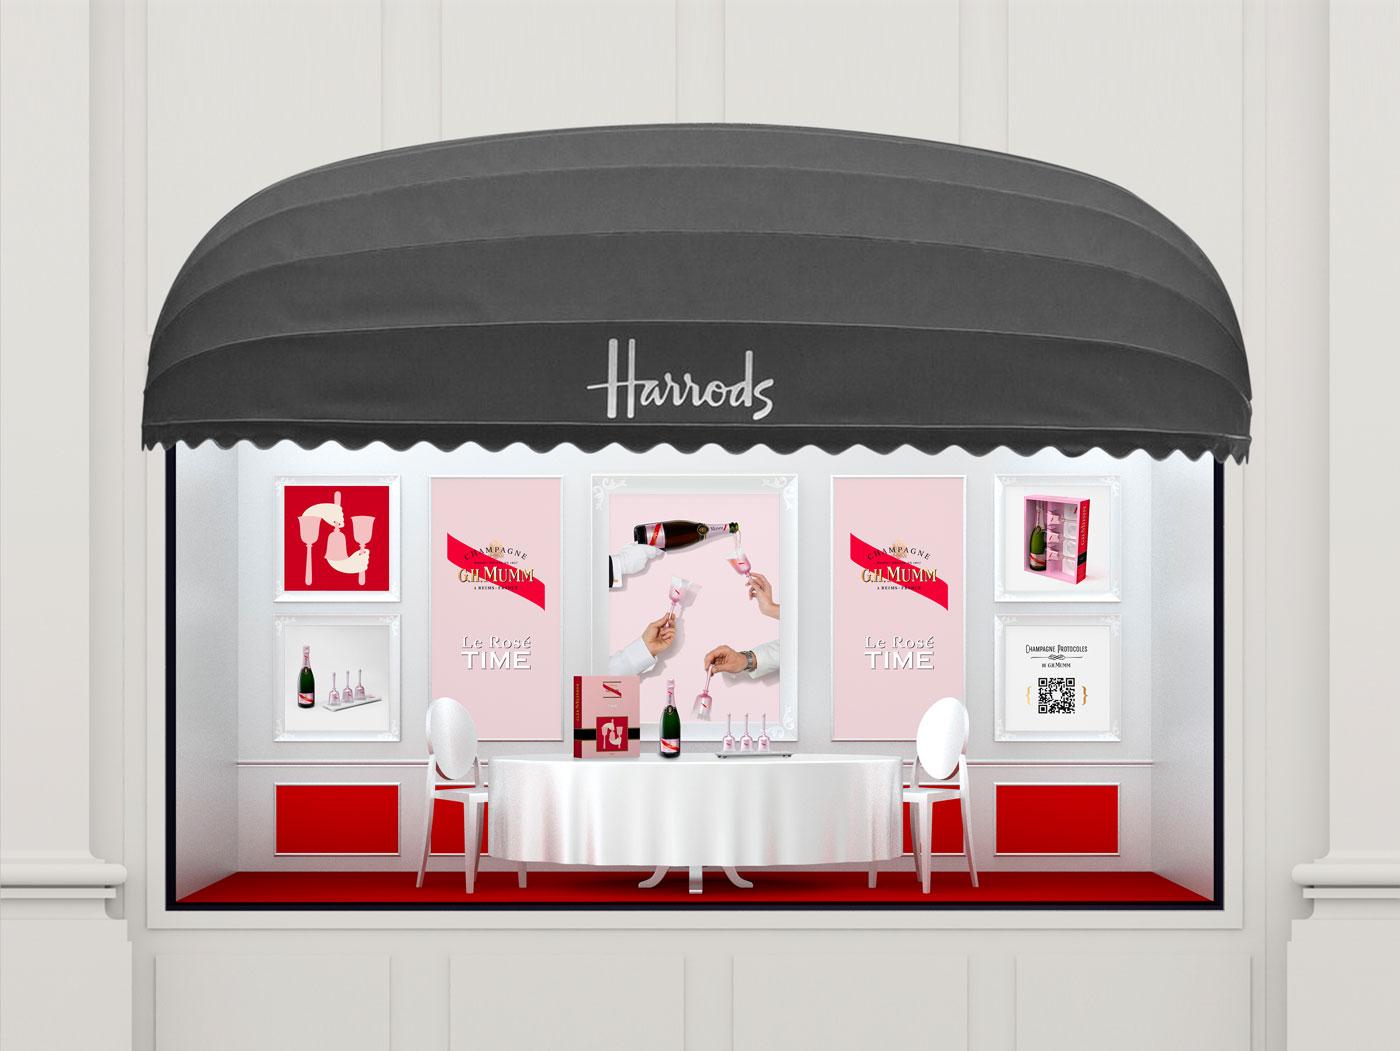 G.H. MUMM - Rosé Time - Un design pensé par l'agence de design de Paris Partisan du Sens.